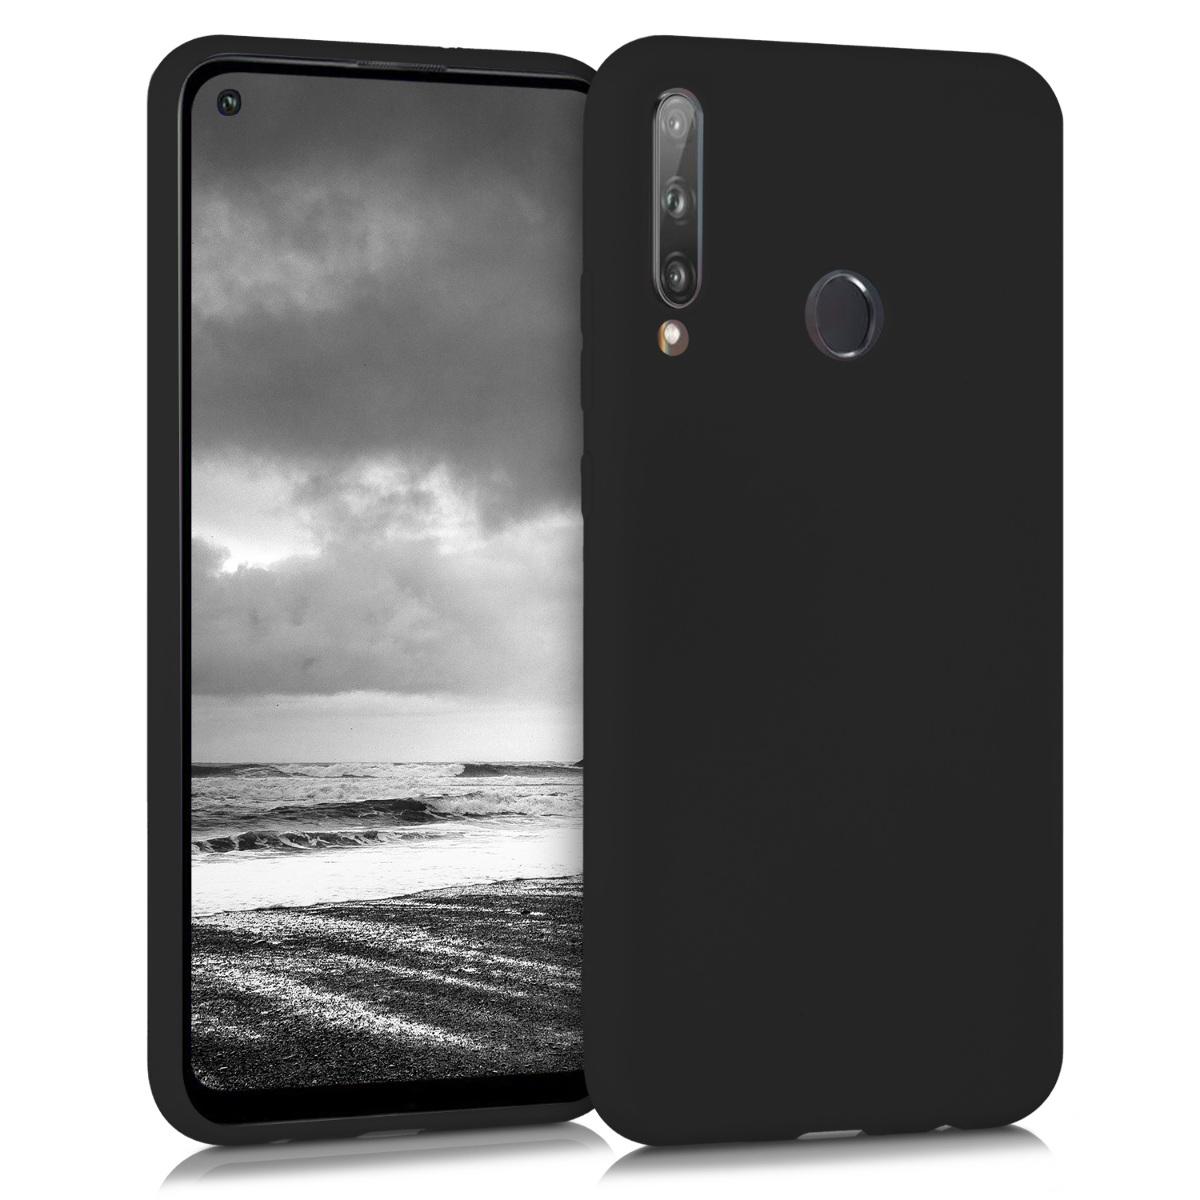 Černé silikonové pouzdro / obal pro Huawei P40 Lite E